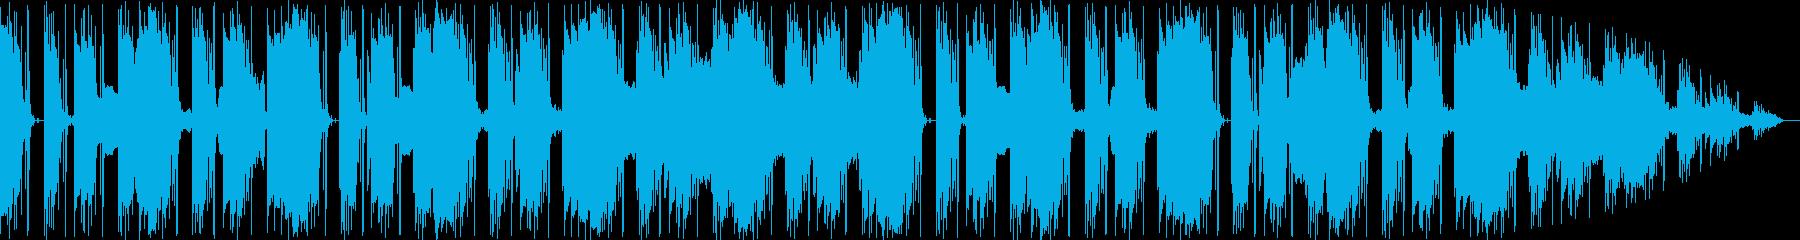 ブレイクビーツ トラップ ヒップホ...の再生済みの波形